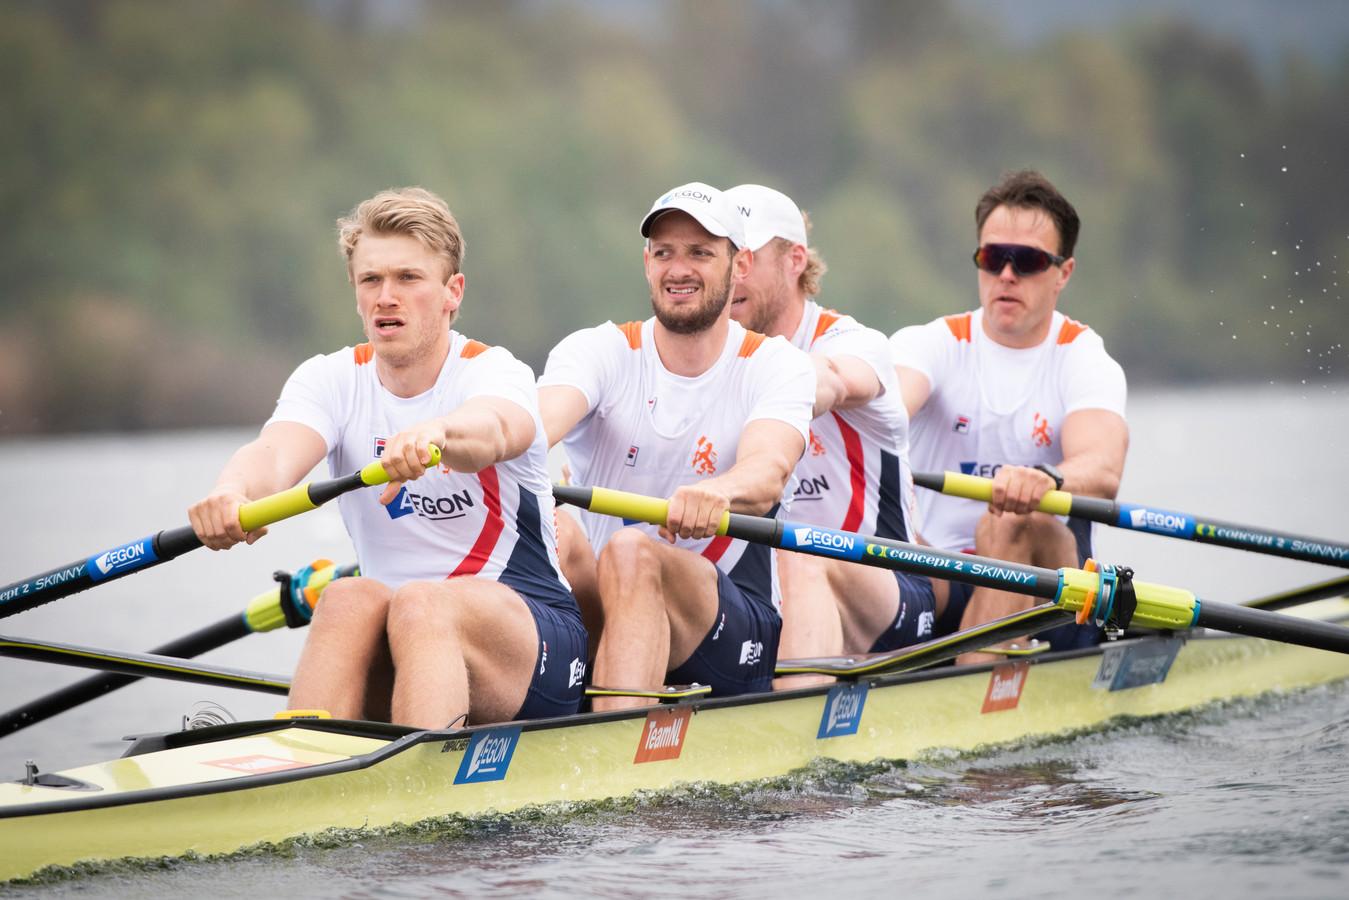 Sander de Graaf uit Made met zijn ploeggenoten in actie tijdens de series op het EK roeien vierzonder.